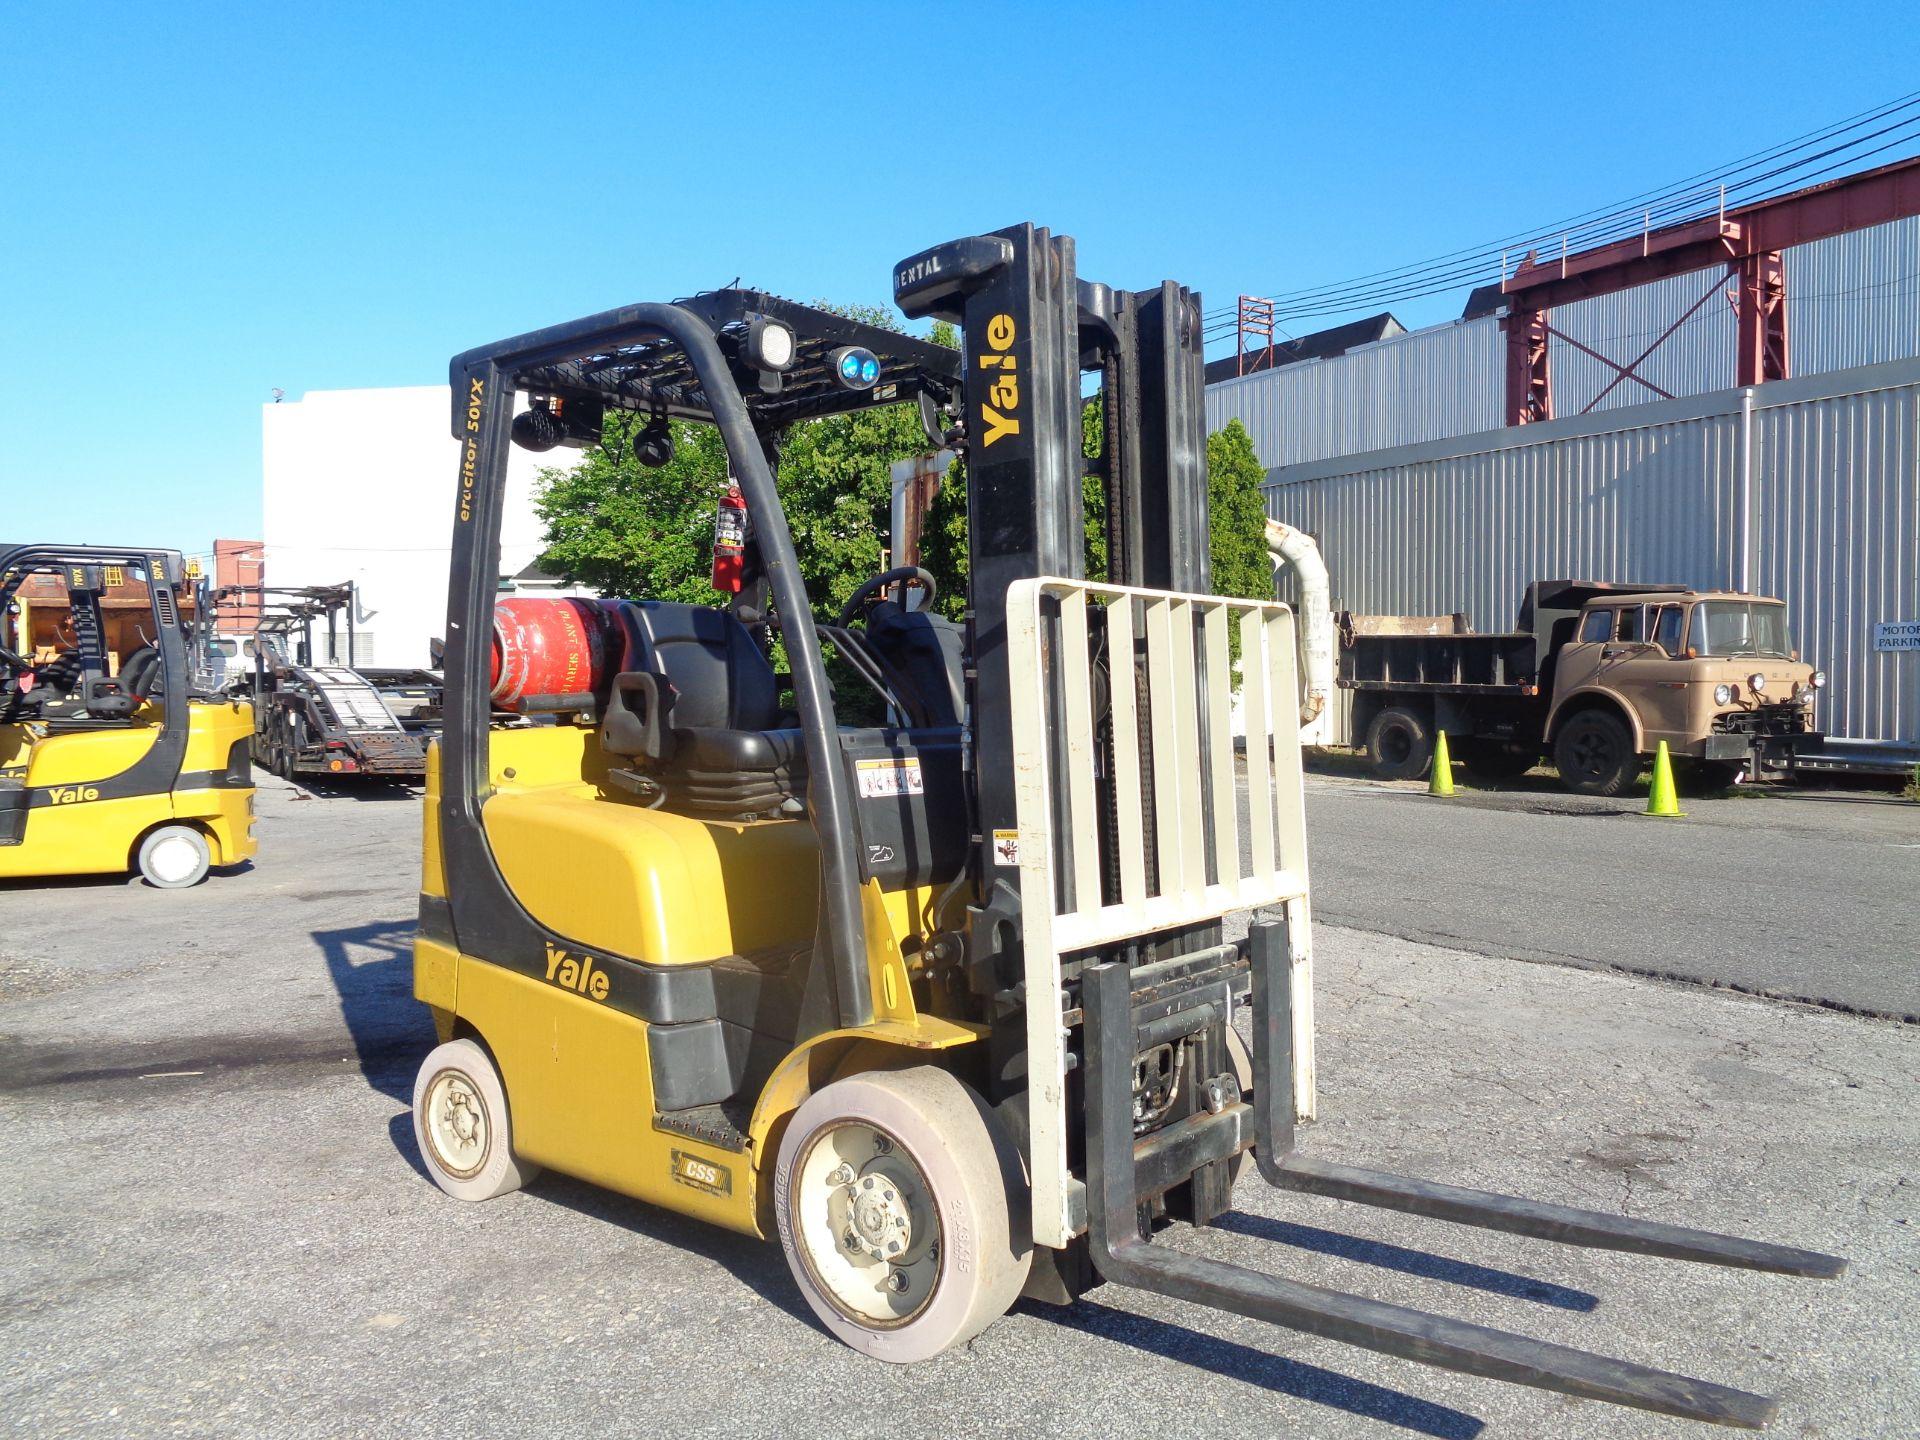 2014 Yale GLC050VXNVRE088 5,000 lb Forklift - Image 3 of 11